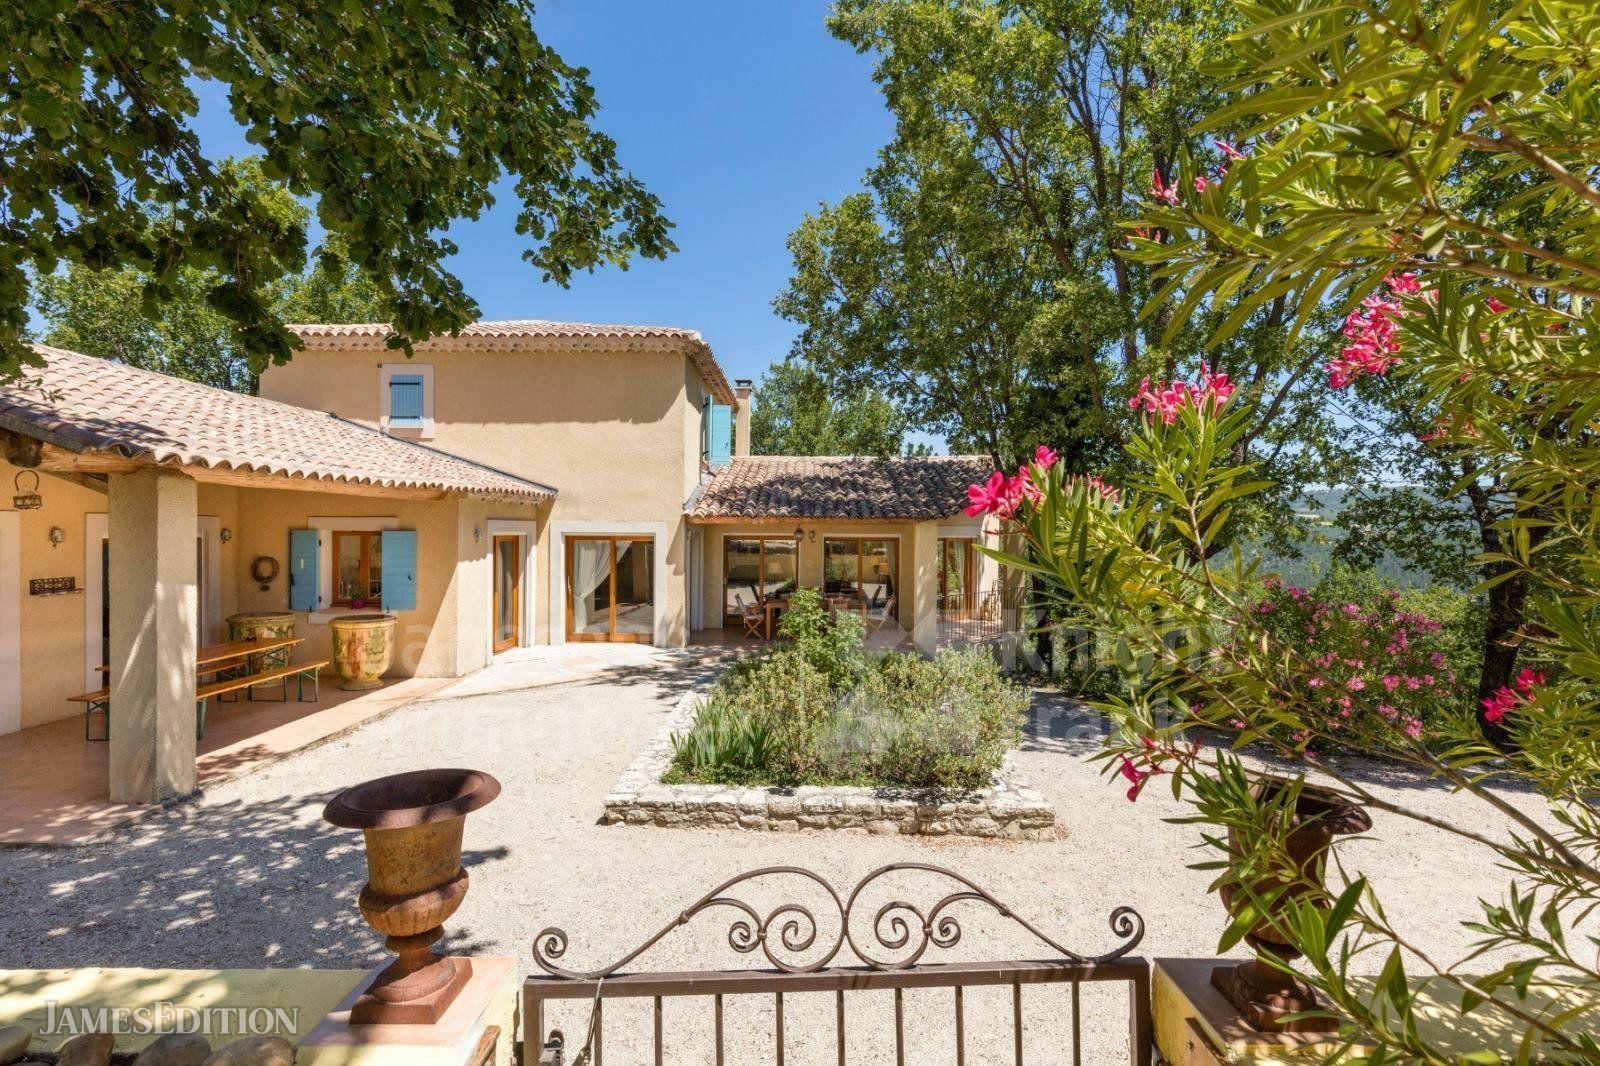 Villa in Saignon, Provence-Alpes-Côte d'Azur, France 1